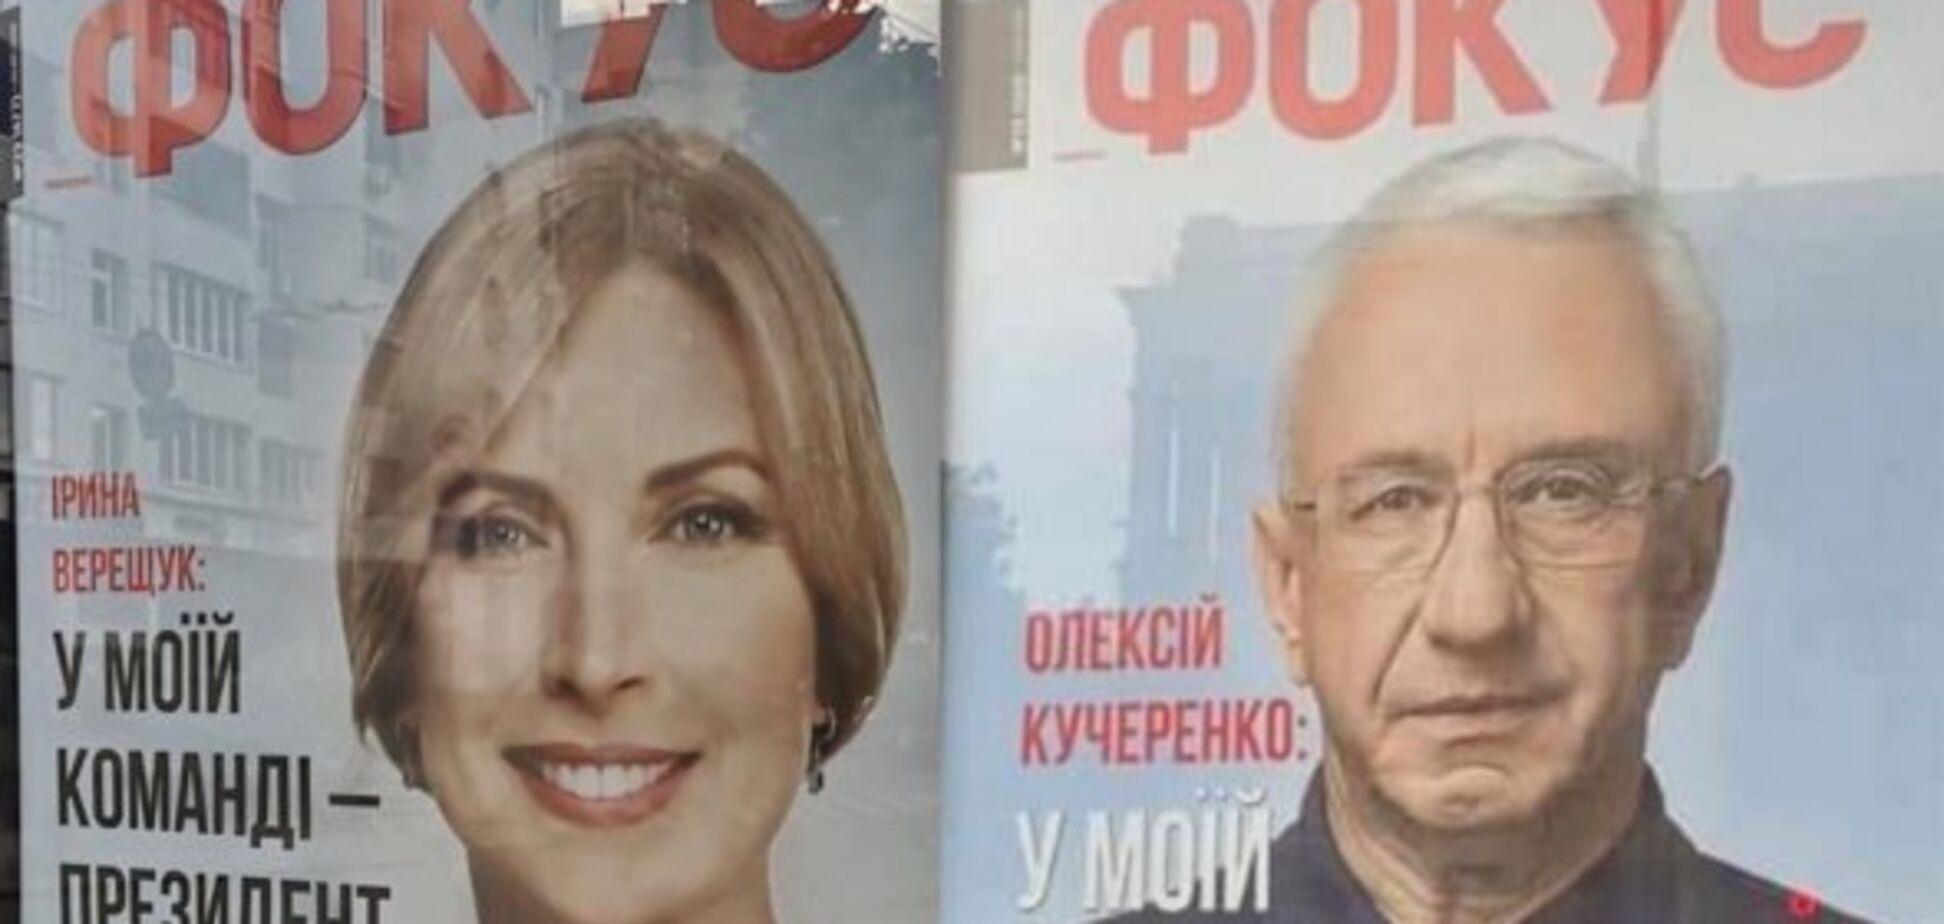 Кучеренко потроллил Верещук в журнале 'Фокус'